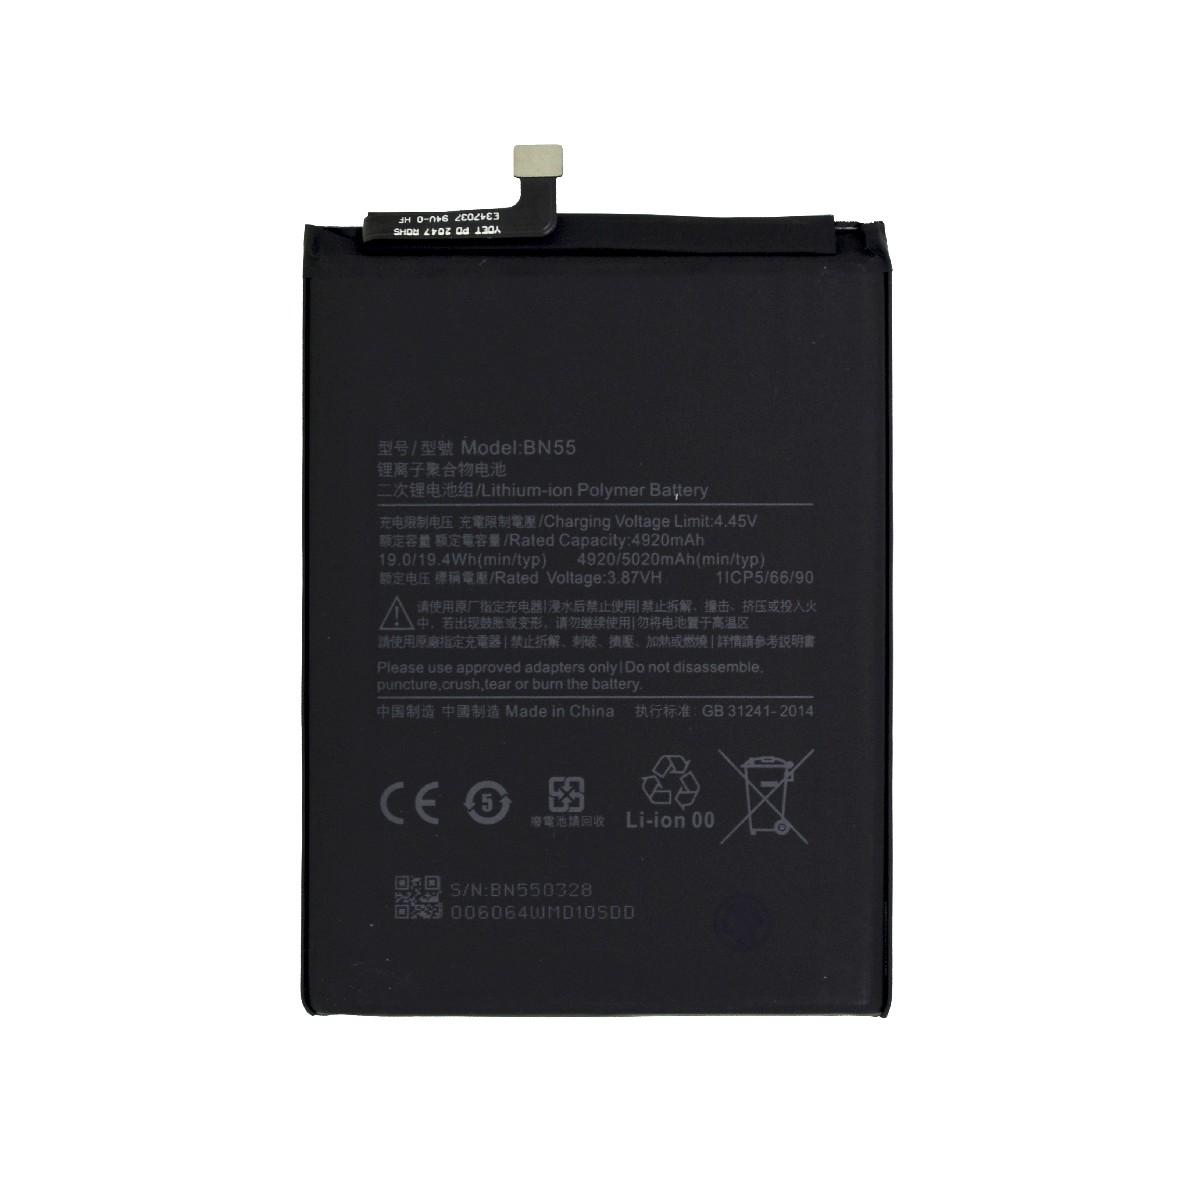 Μπαταρία Τύπου BN55 για Xiaomi Redmi Note 9s 5020 mAh Bulk ΟΕΜ